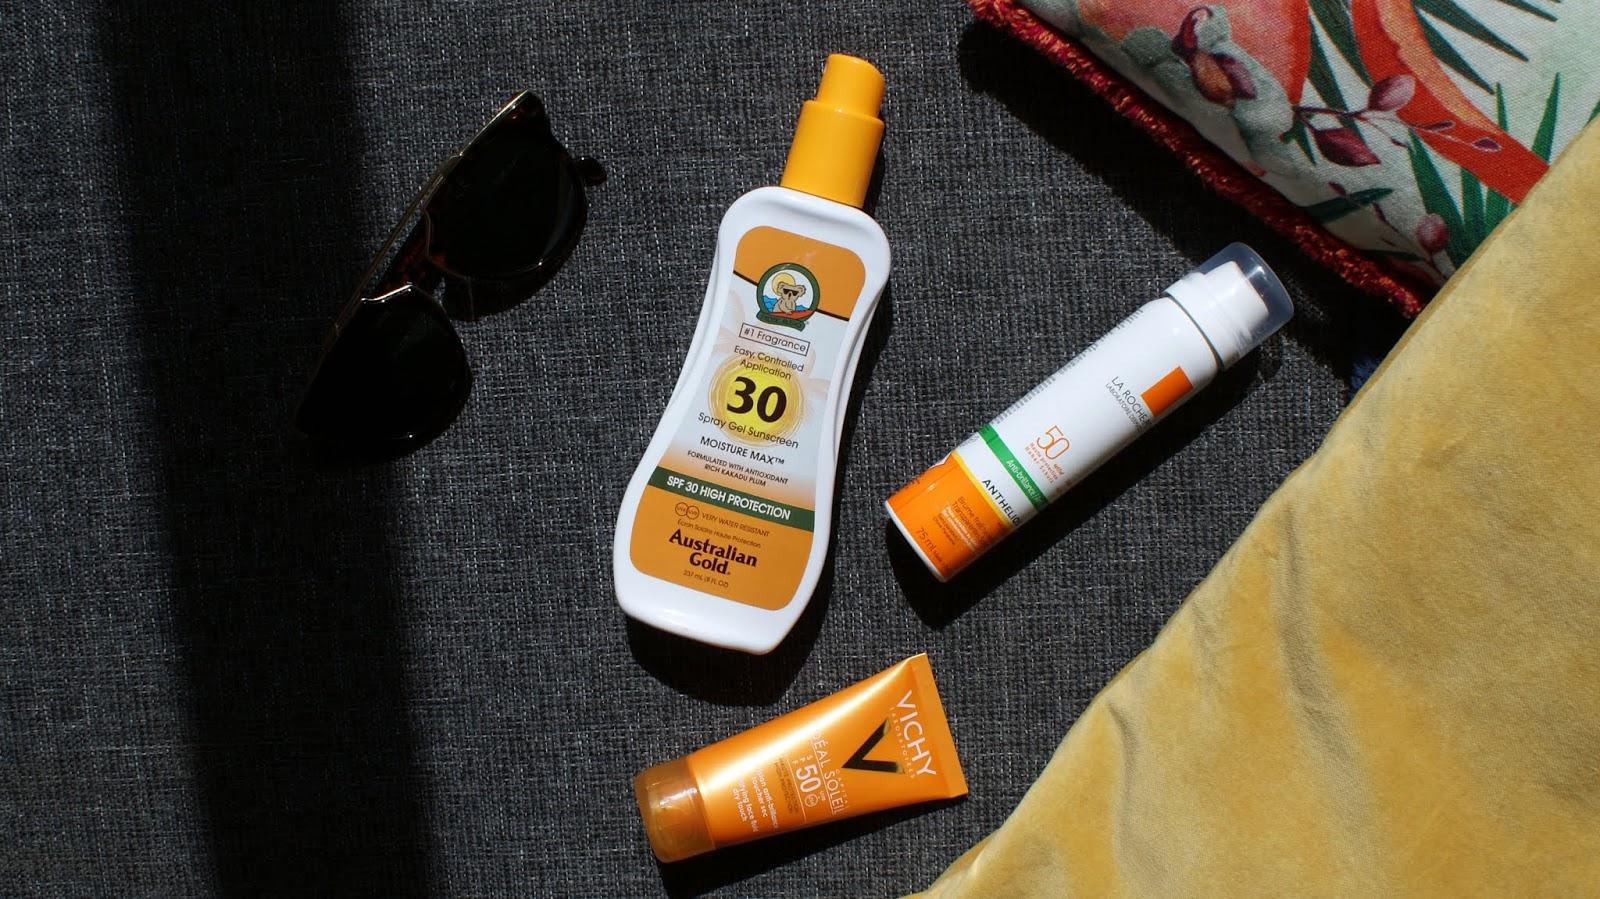 opalanie skóry trądzikowej, trądzik, filtry uv dla cery trądzikowej, łojotokowe zapalenie skóry, nużeniec jak wyleczyć, lemoniada na słońcu,